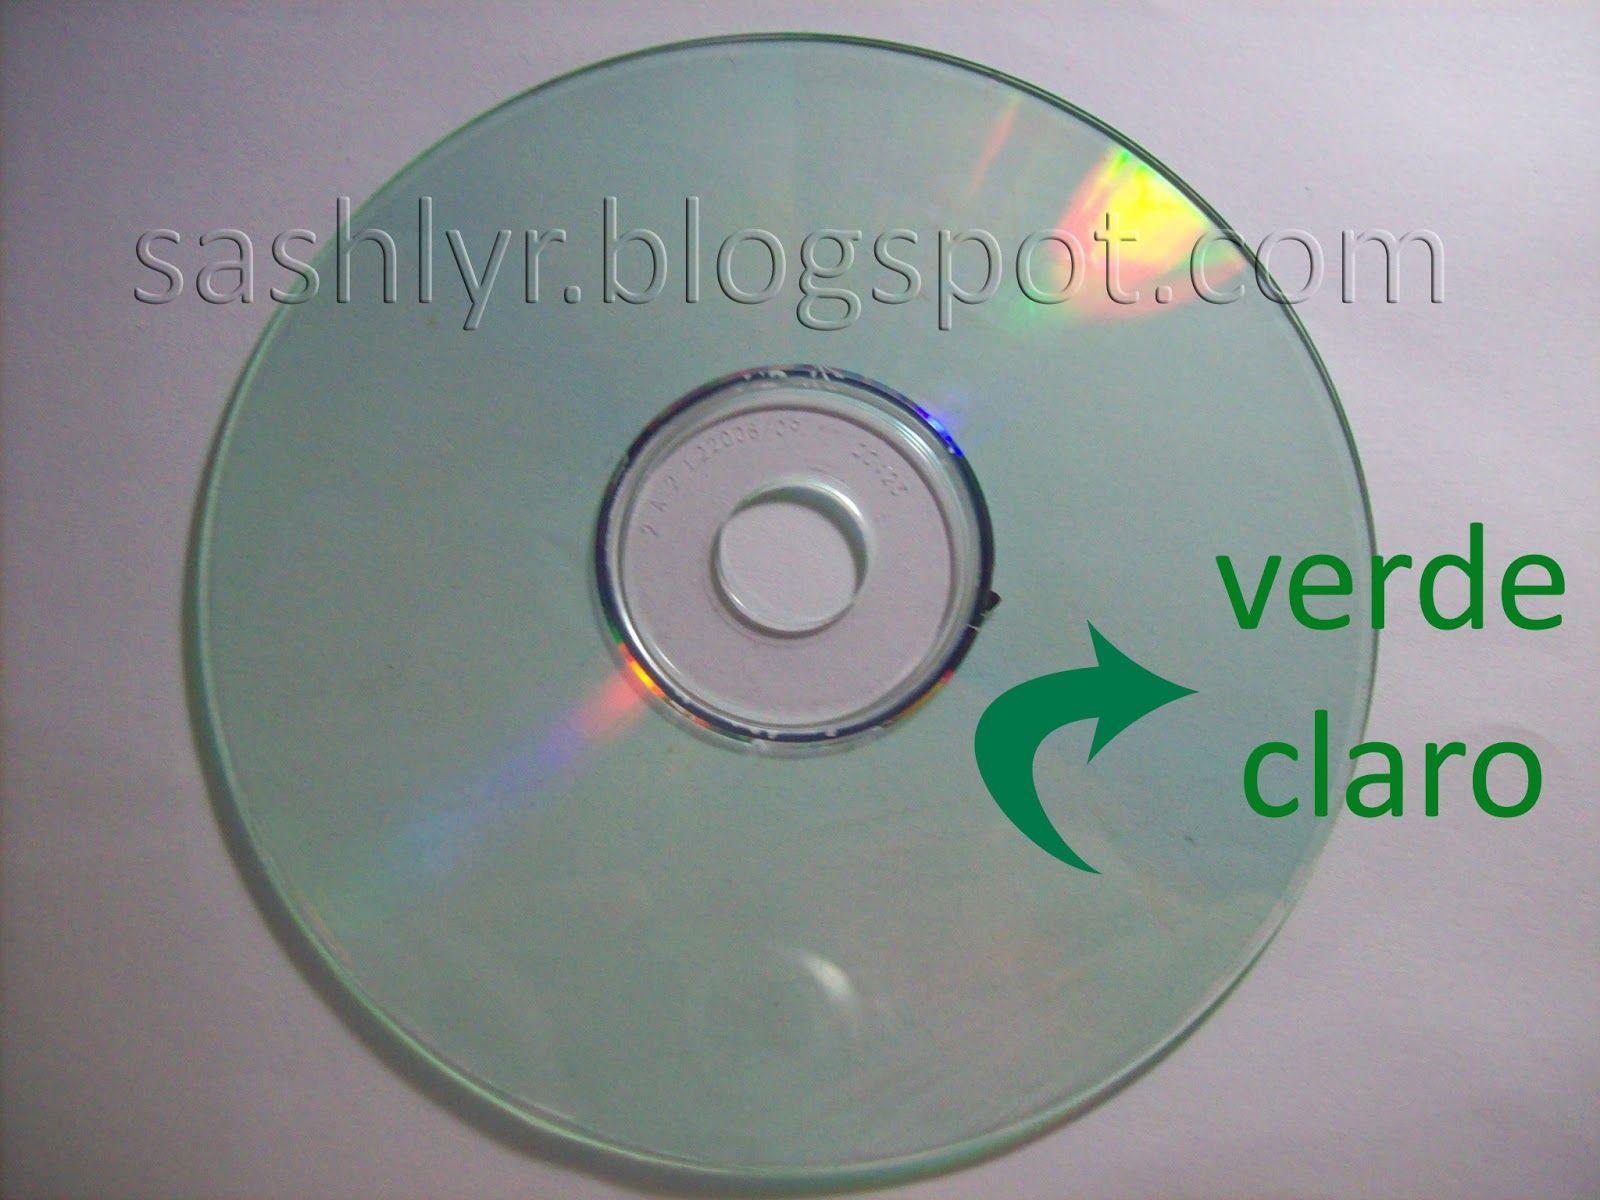 Blog sobre manualidades con CD's reciclados y mas cosas que me gustan hacer